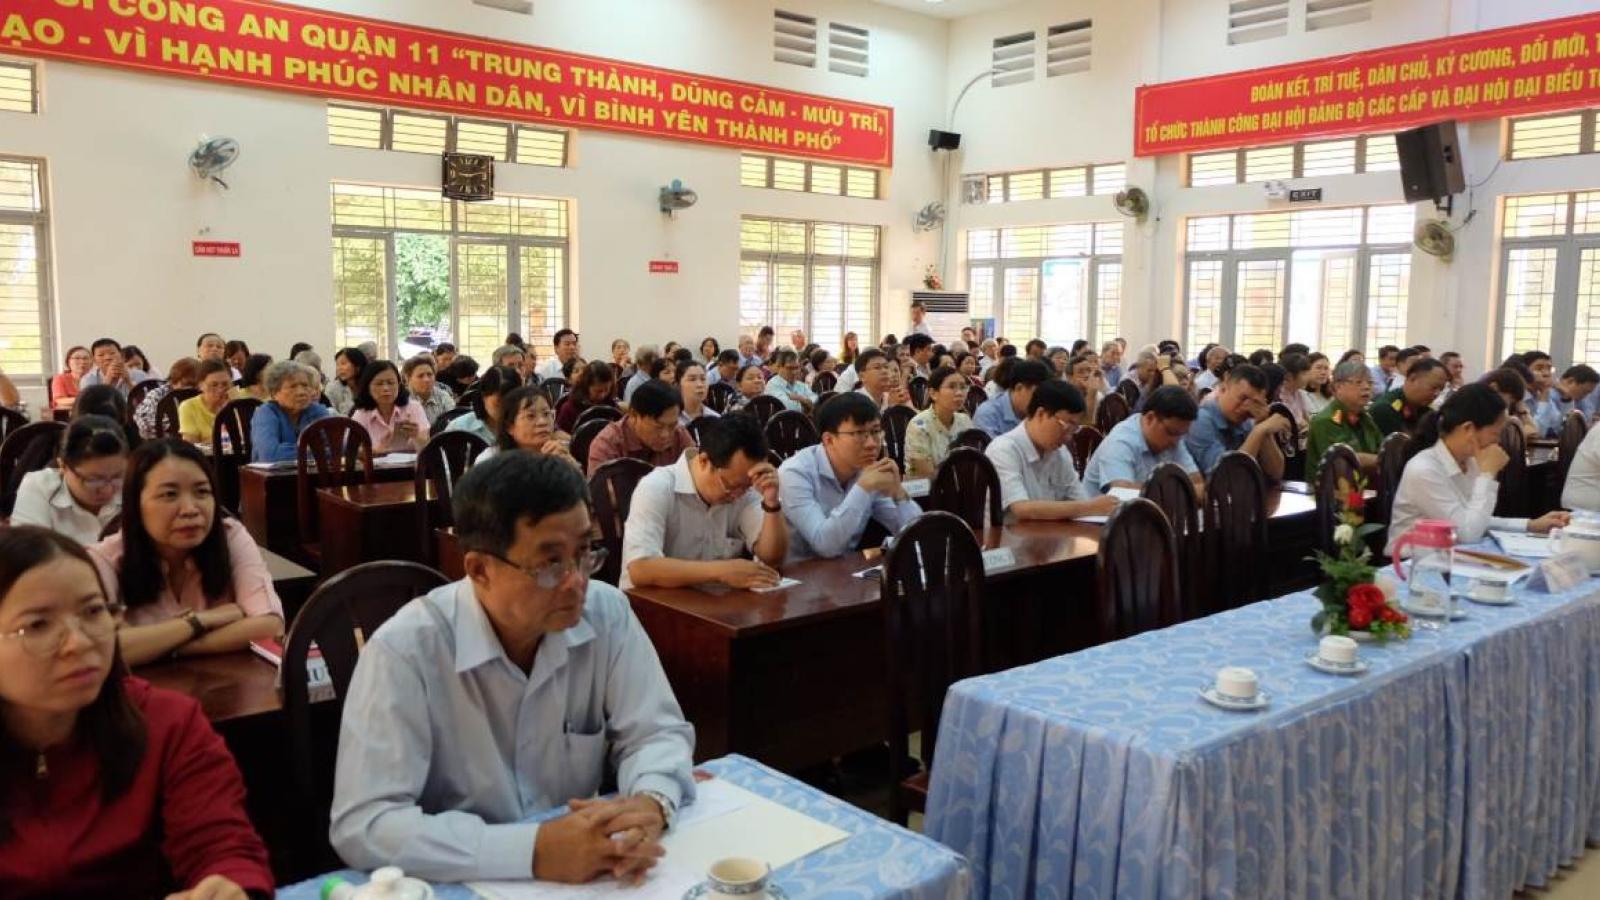 Cử tri TPHCM đề nghị tăng cường giám sát, hạn chế sai phạm của cán bộ lãnh đạo